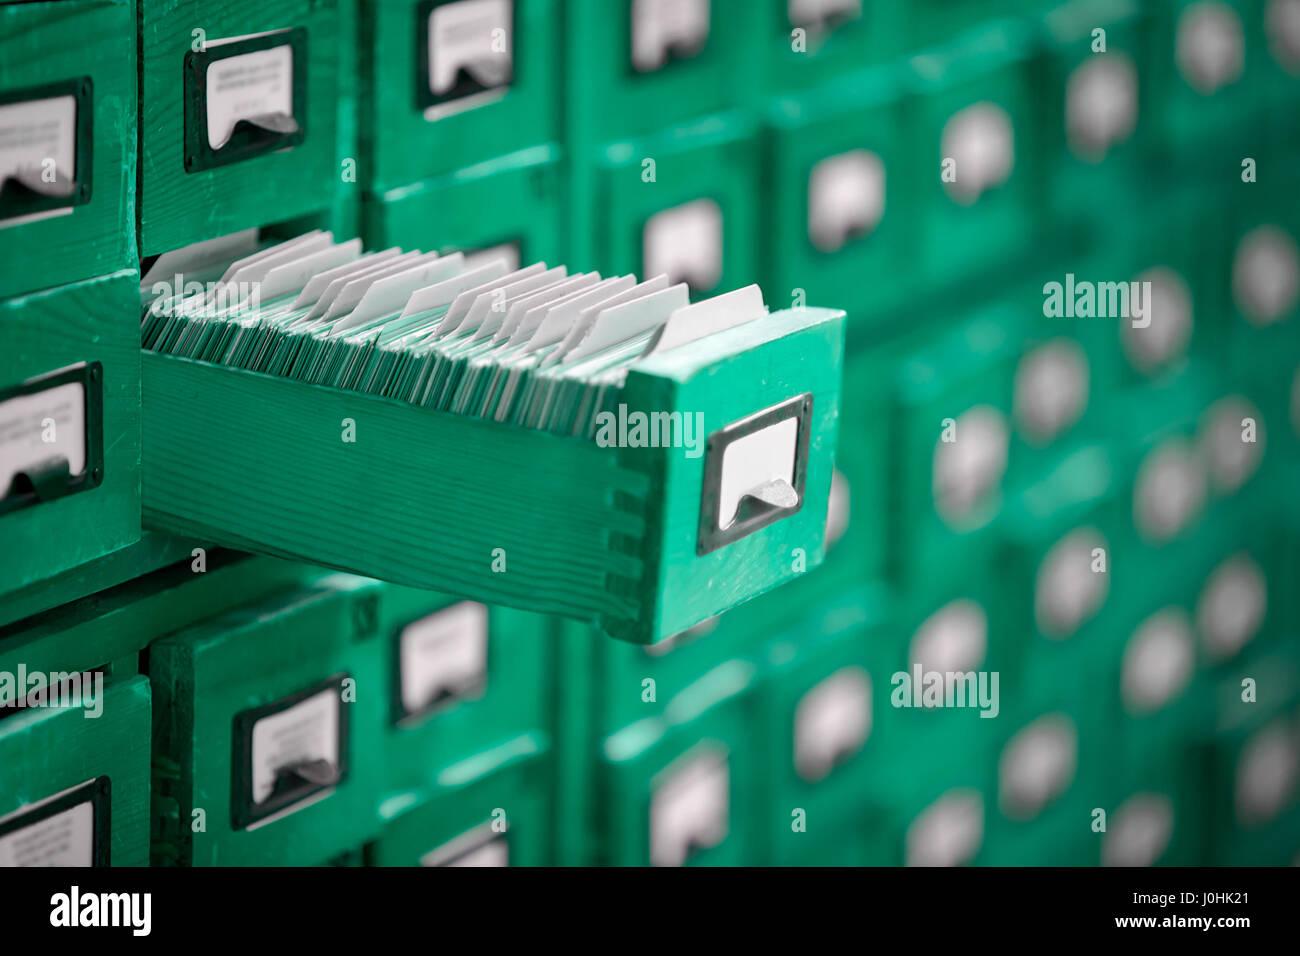 Libreria archivio o catalogo di riferimento con apertura cassetto carta. Immagini Stock